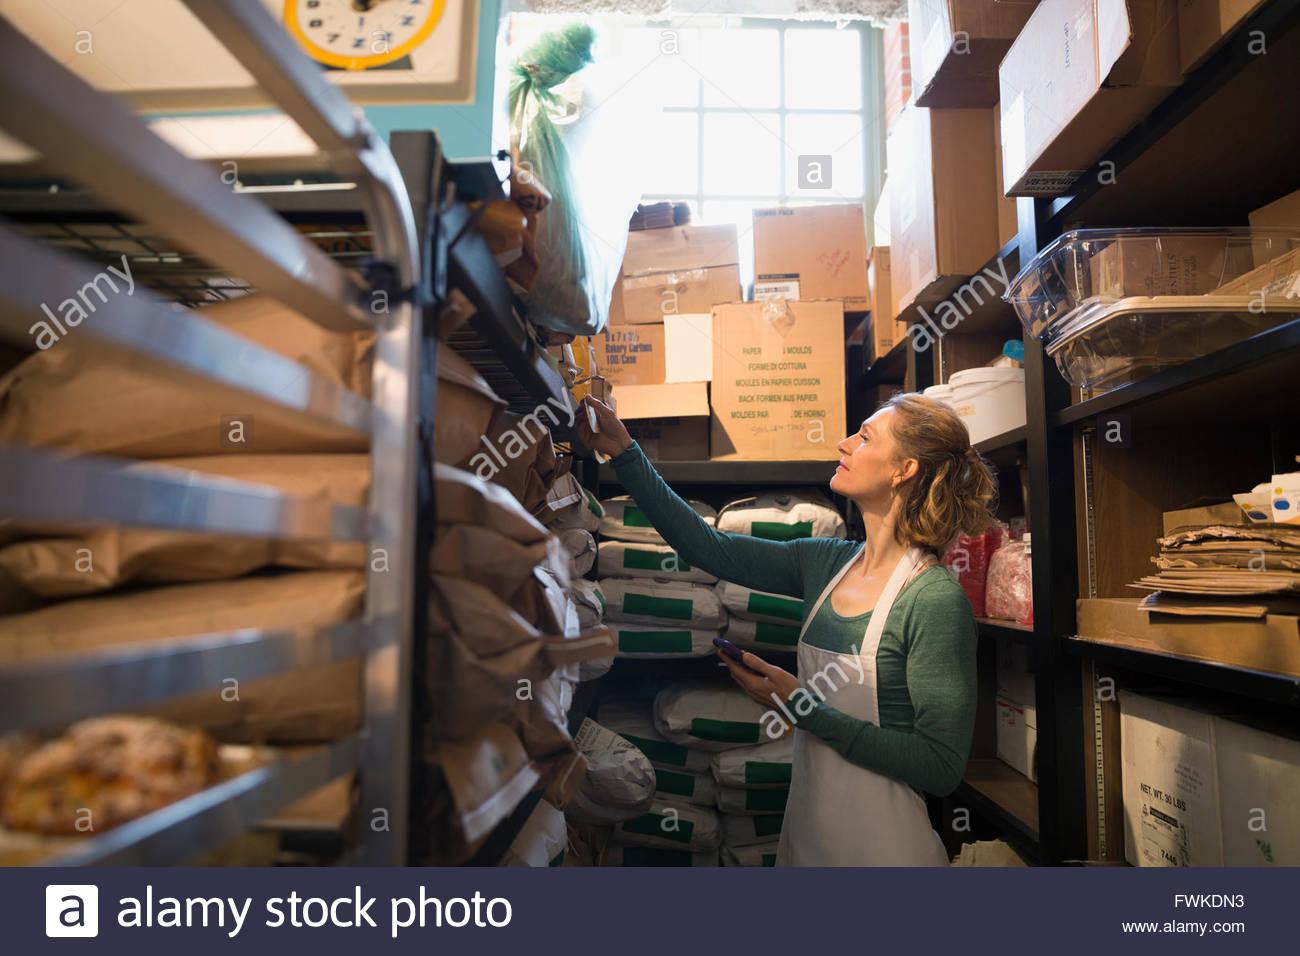 Propietario de la Panadería La comprobación del inventario de suministros en el trastero Imagen De Stock